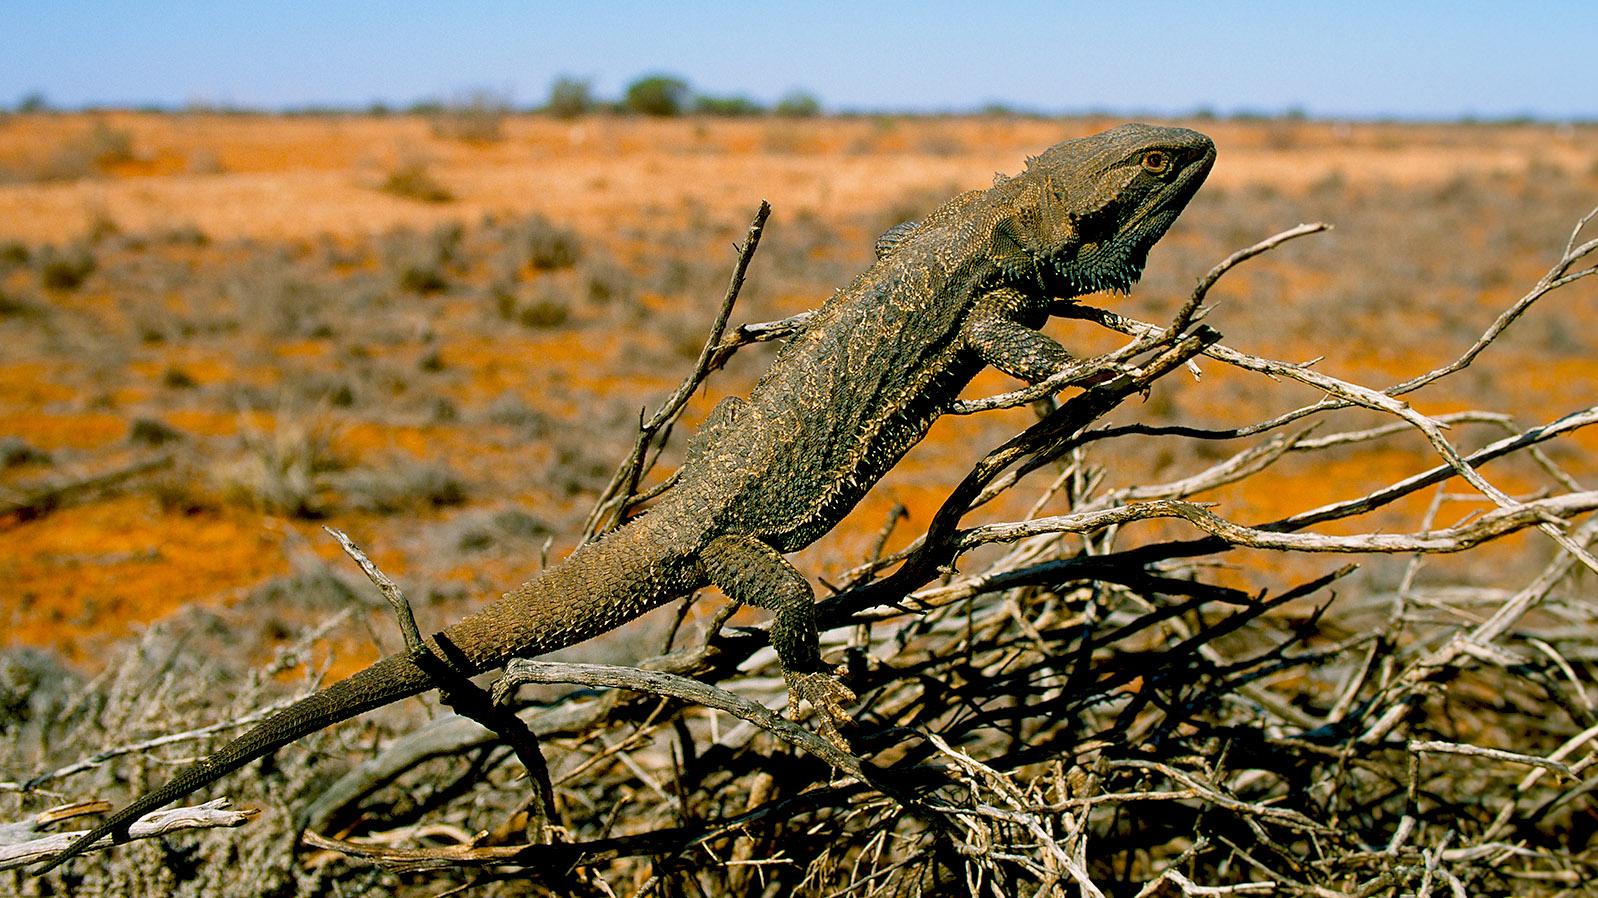 Tierische Begegnung im Outback mit einem Frilled Neck Lizard. Foto: Hilke Maunder